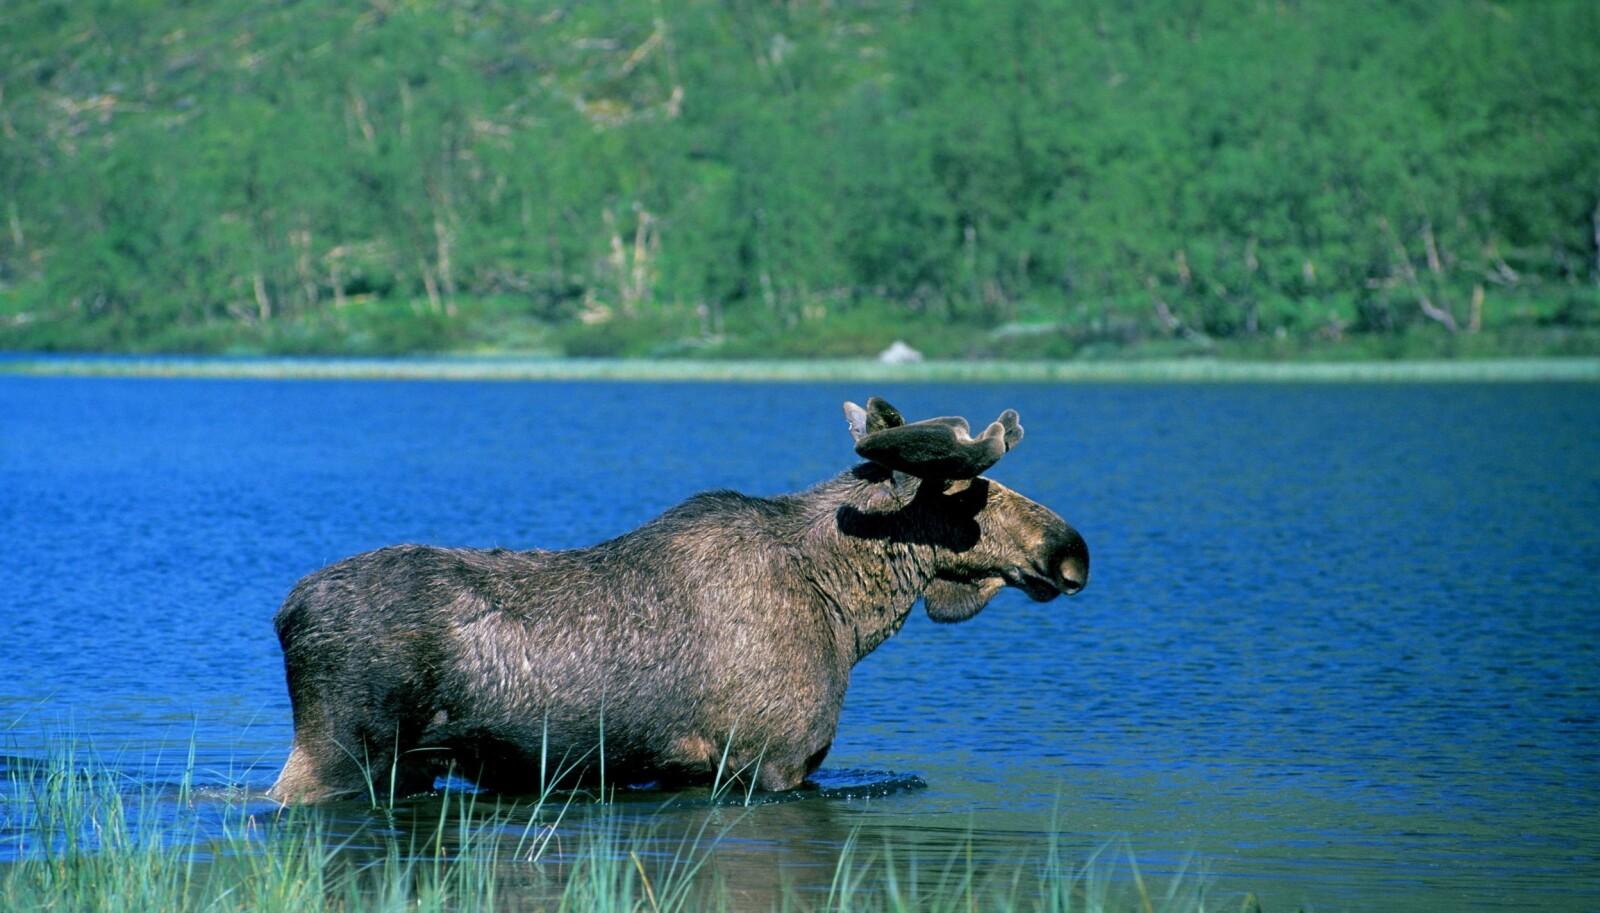 VANNPLANTER: Som alle andre hovdyr er elgen planteeter, men den er spesielt glad i vannplanter. Noen vannplanter kan den få tak i ved simpelthen å vasse ut på grunt vann, stikke hodet under vannet og bite dem av. Vår og sommer er det vanlig at elgen beiter på vannplanter som bukkeblad og nøkkeroser. Røtter og undervannsstengler av slike planter inneholder viktige mineraler (blant annet natrium) som elgen trenger etter vinteren.